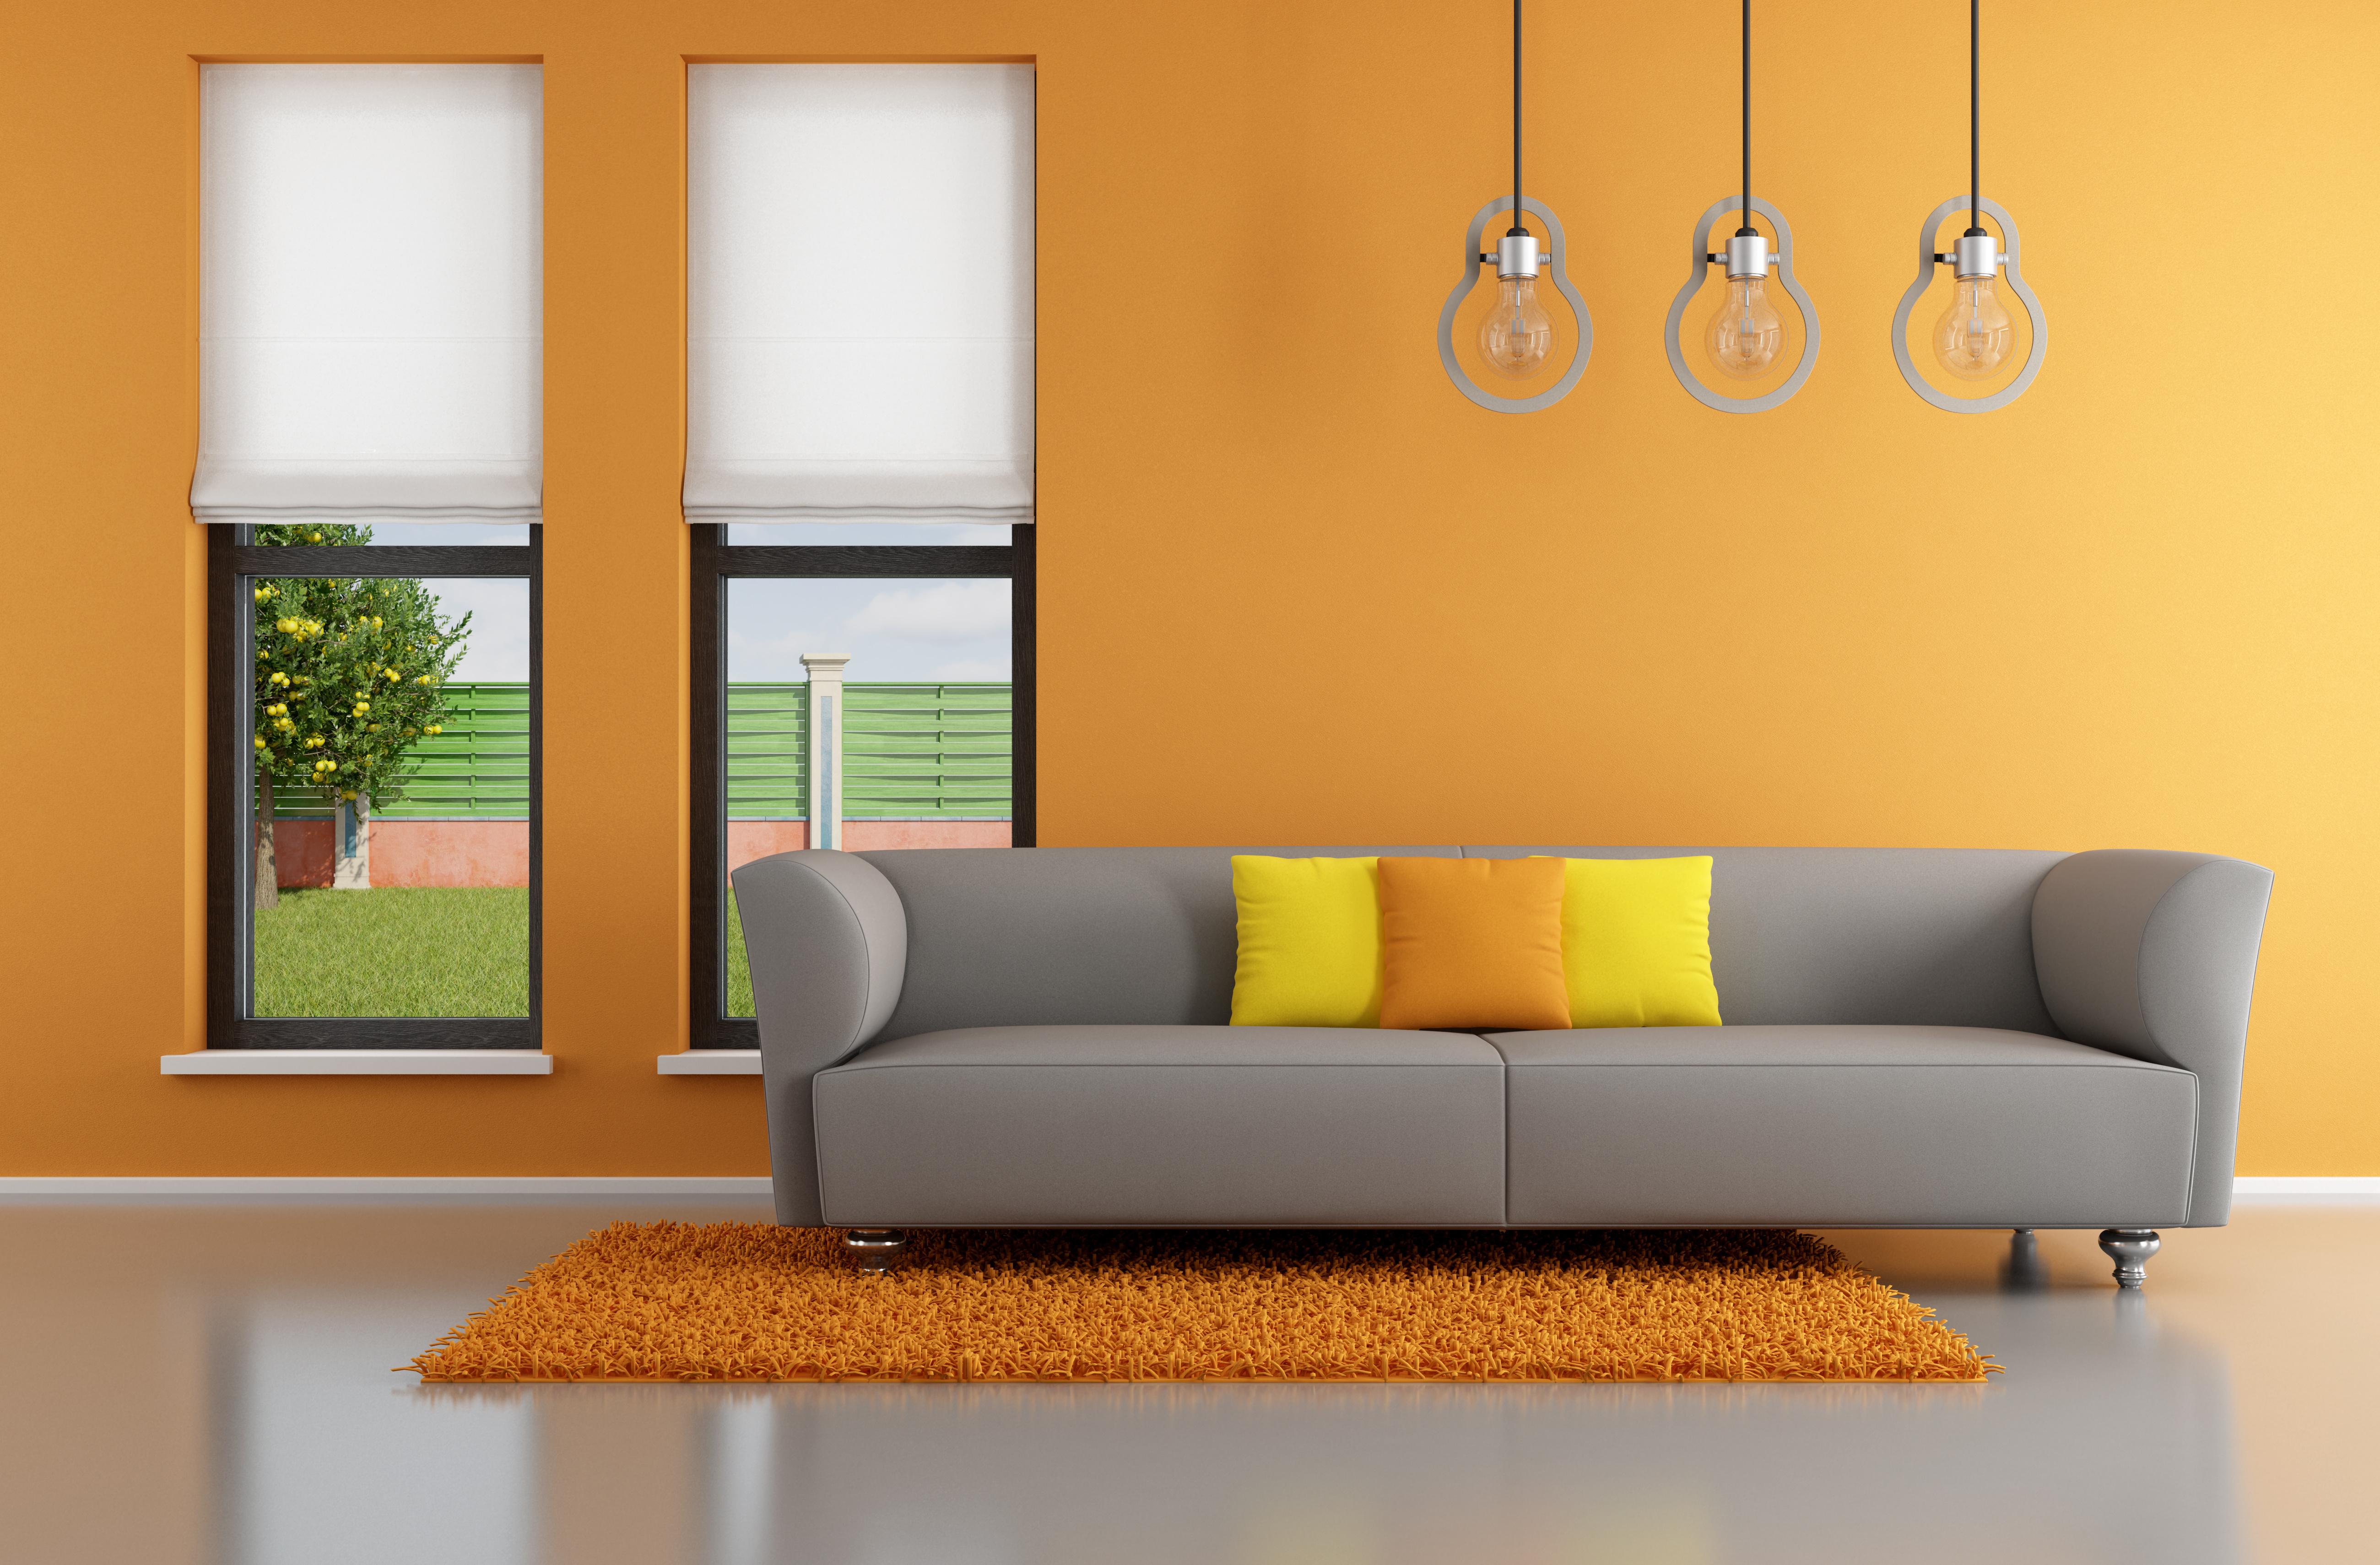 интерьер диван комната  № 3531299  скачать